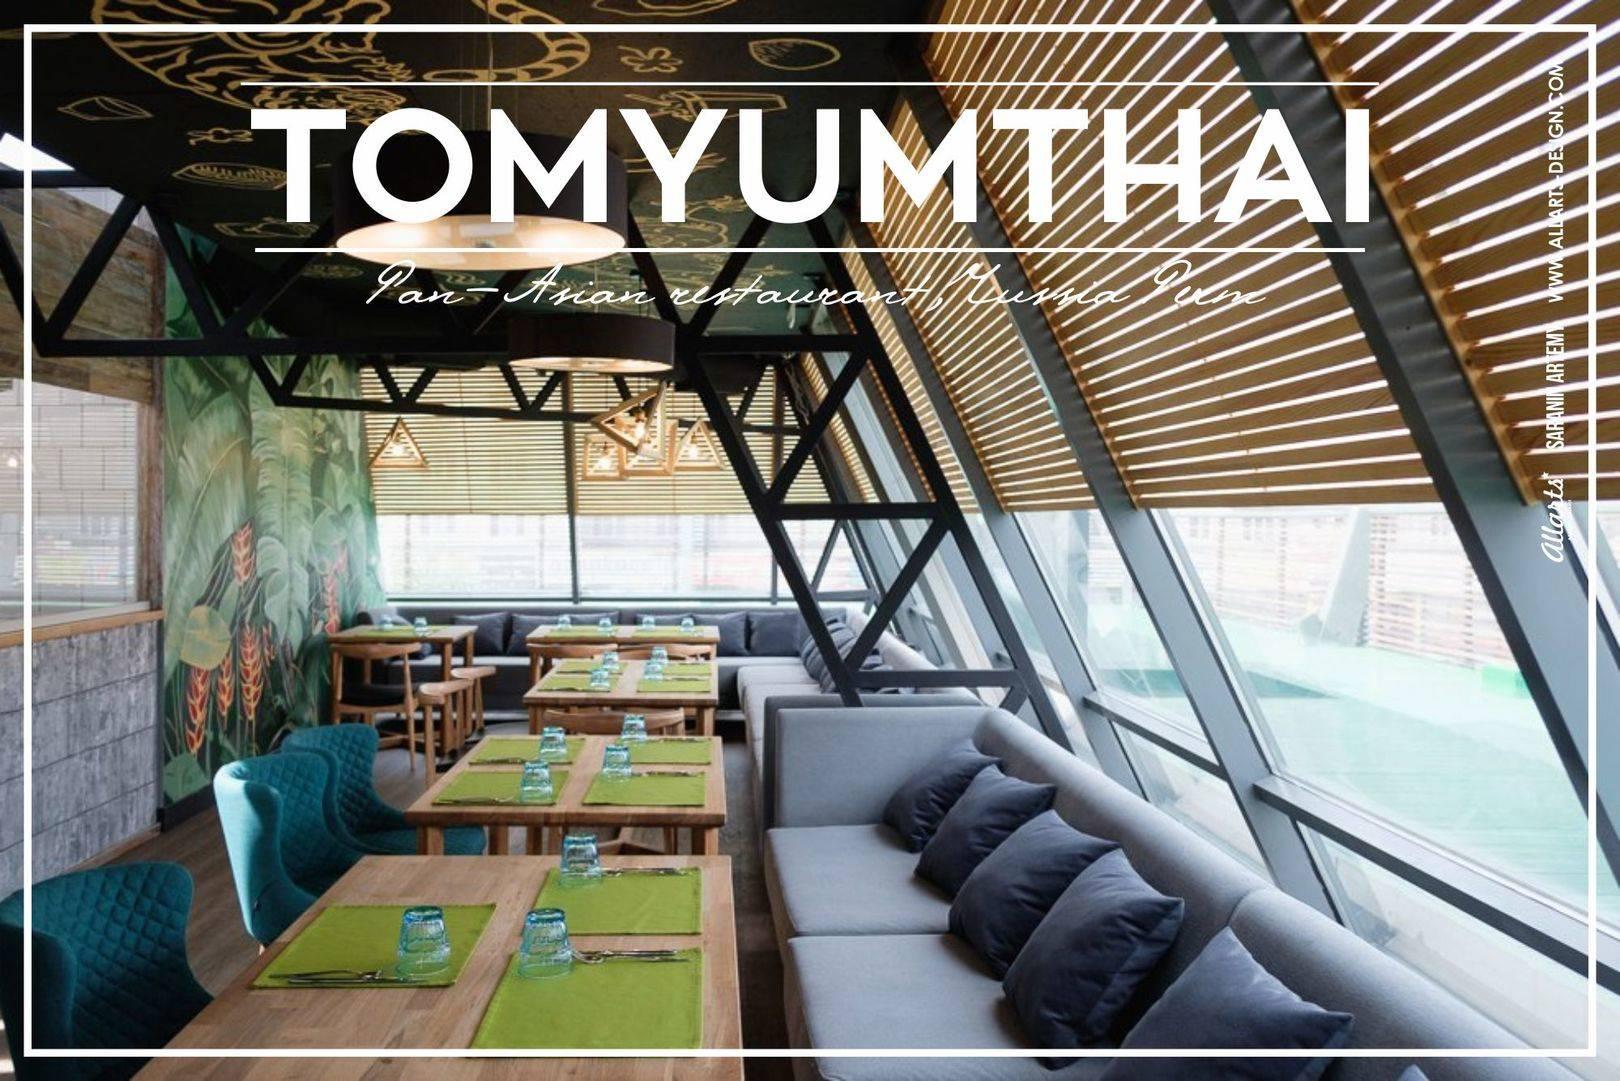 Дизайн интерьера кафе Tom Yum Thai